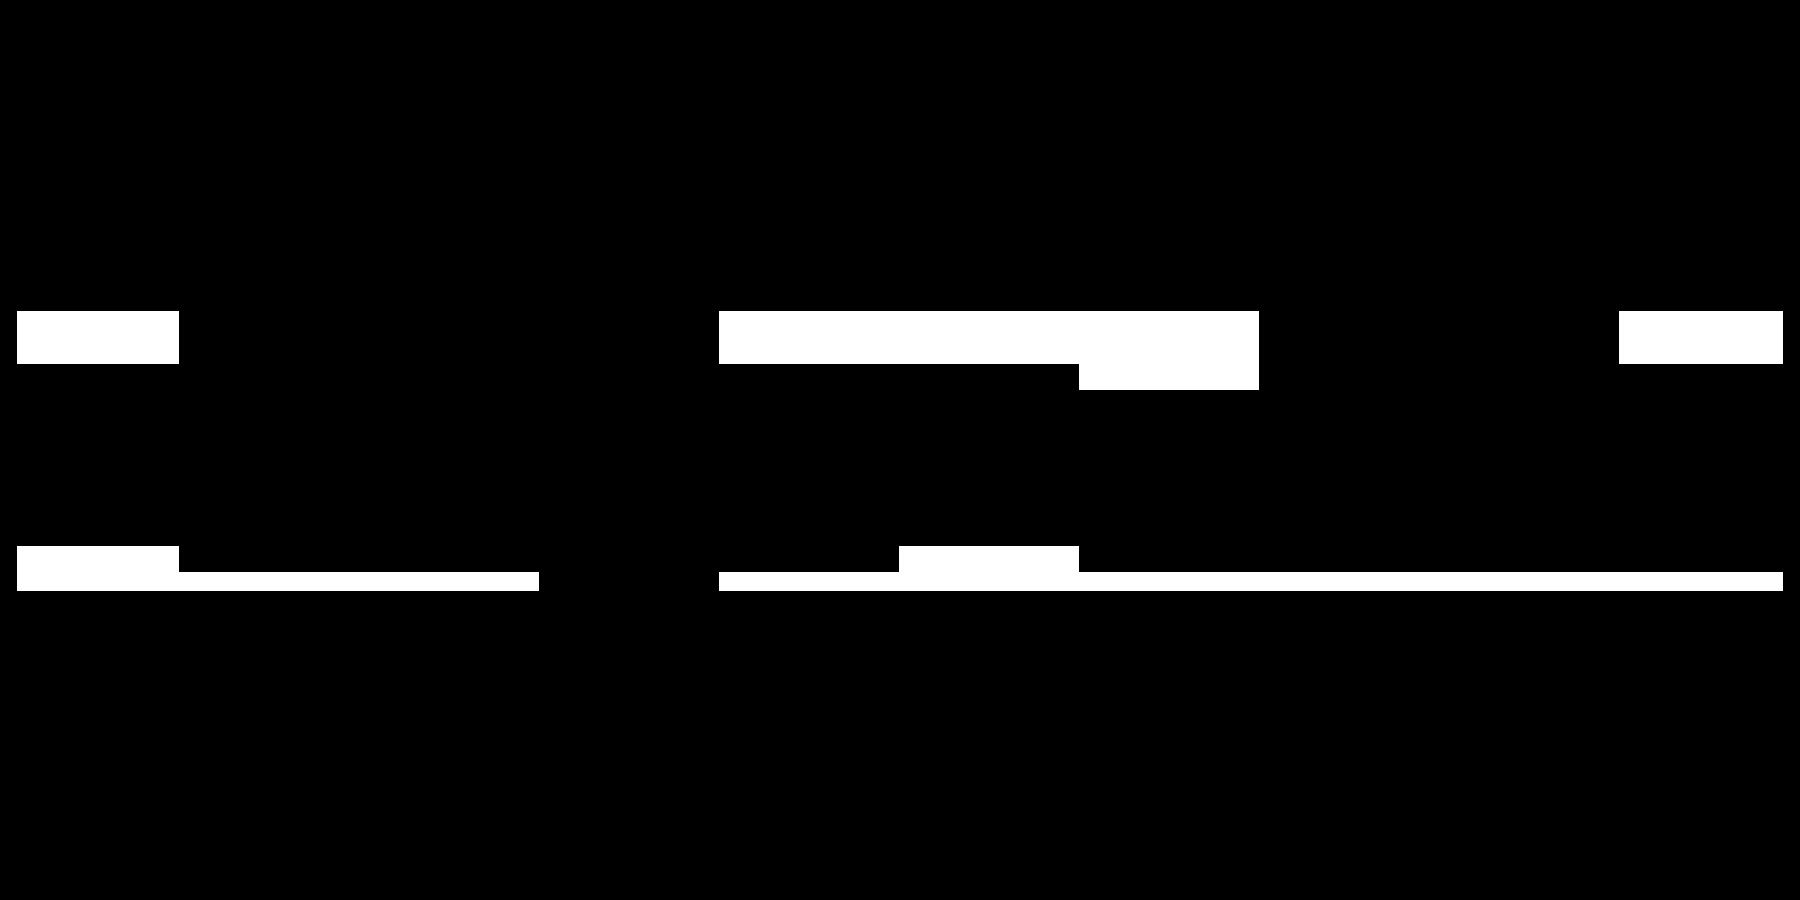 logo-20171.png